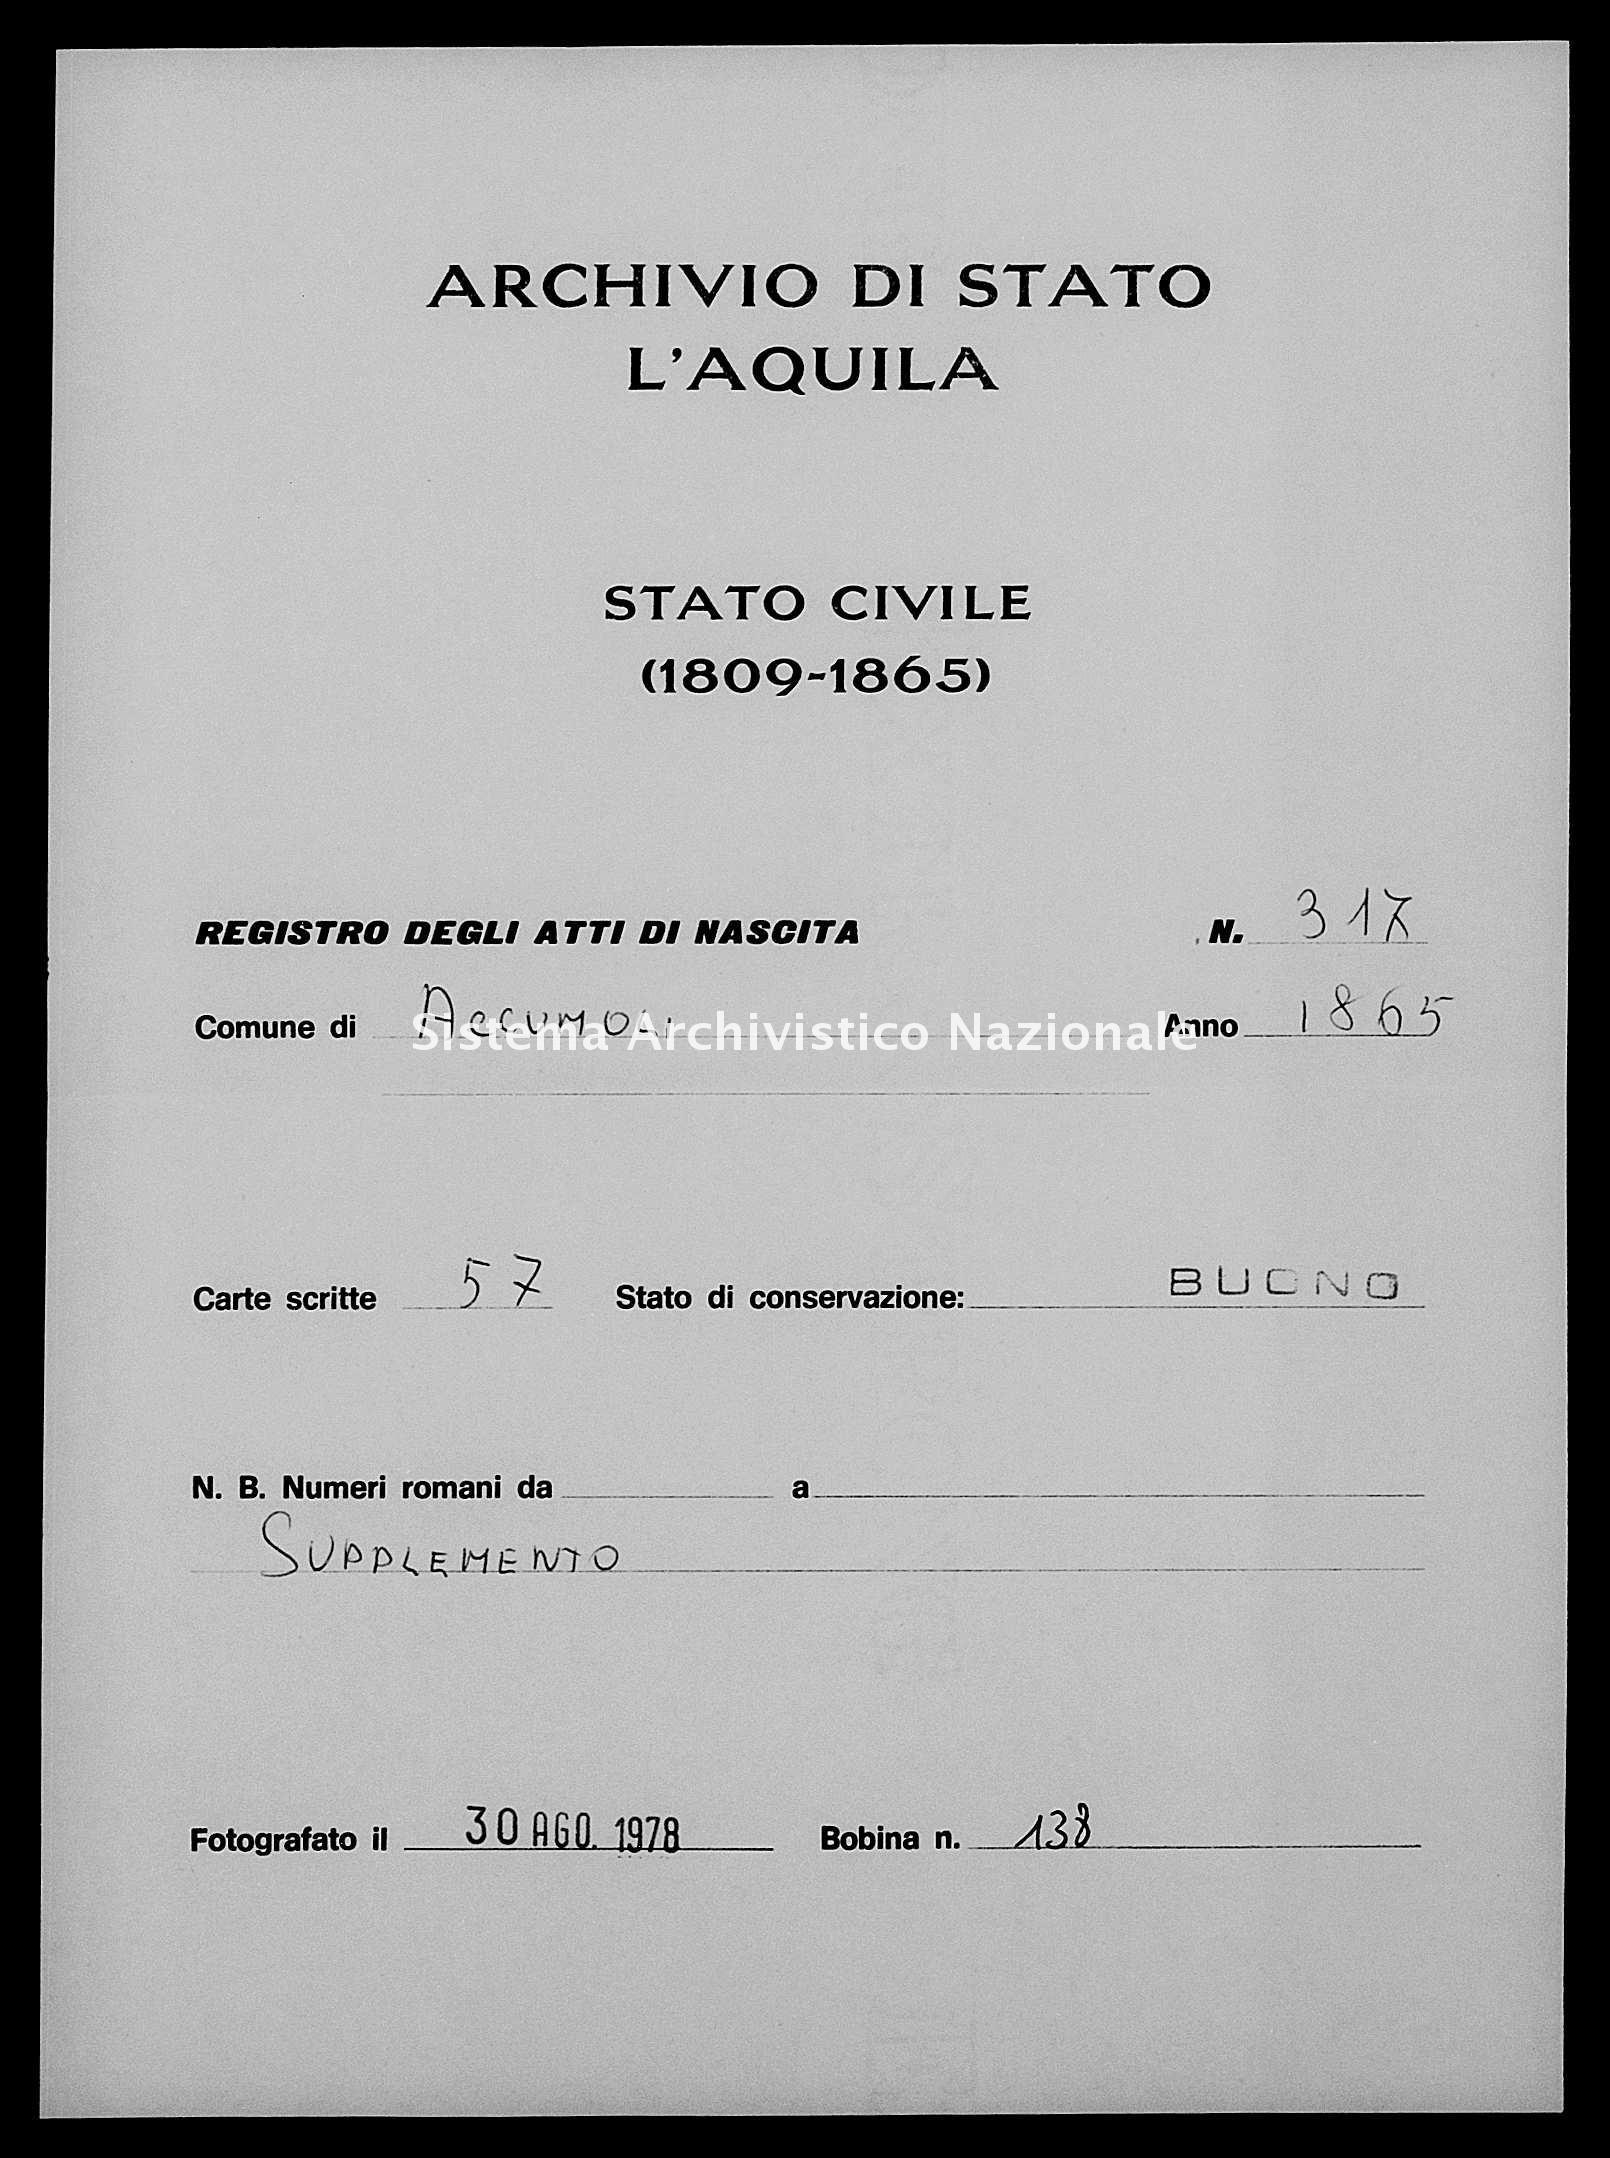 Archivio di stato di L'aquila - Stato civile italiano - Accumoli - Nati, battesimi - 1865 - 317 -